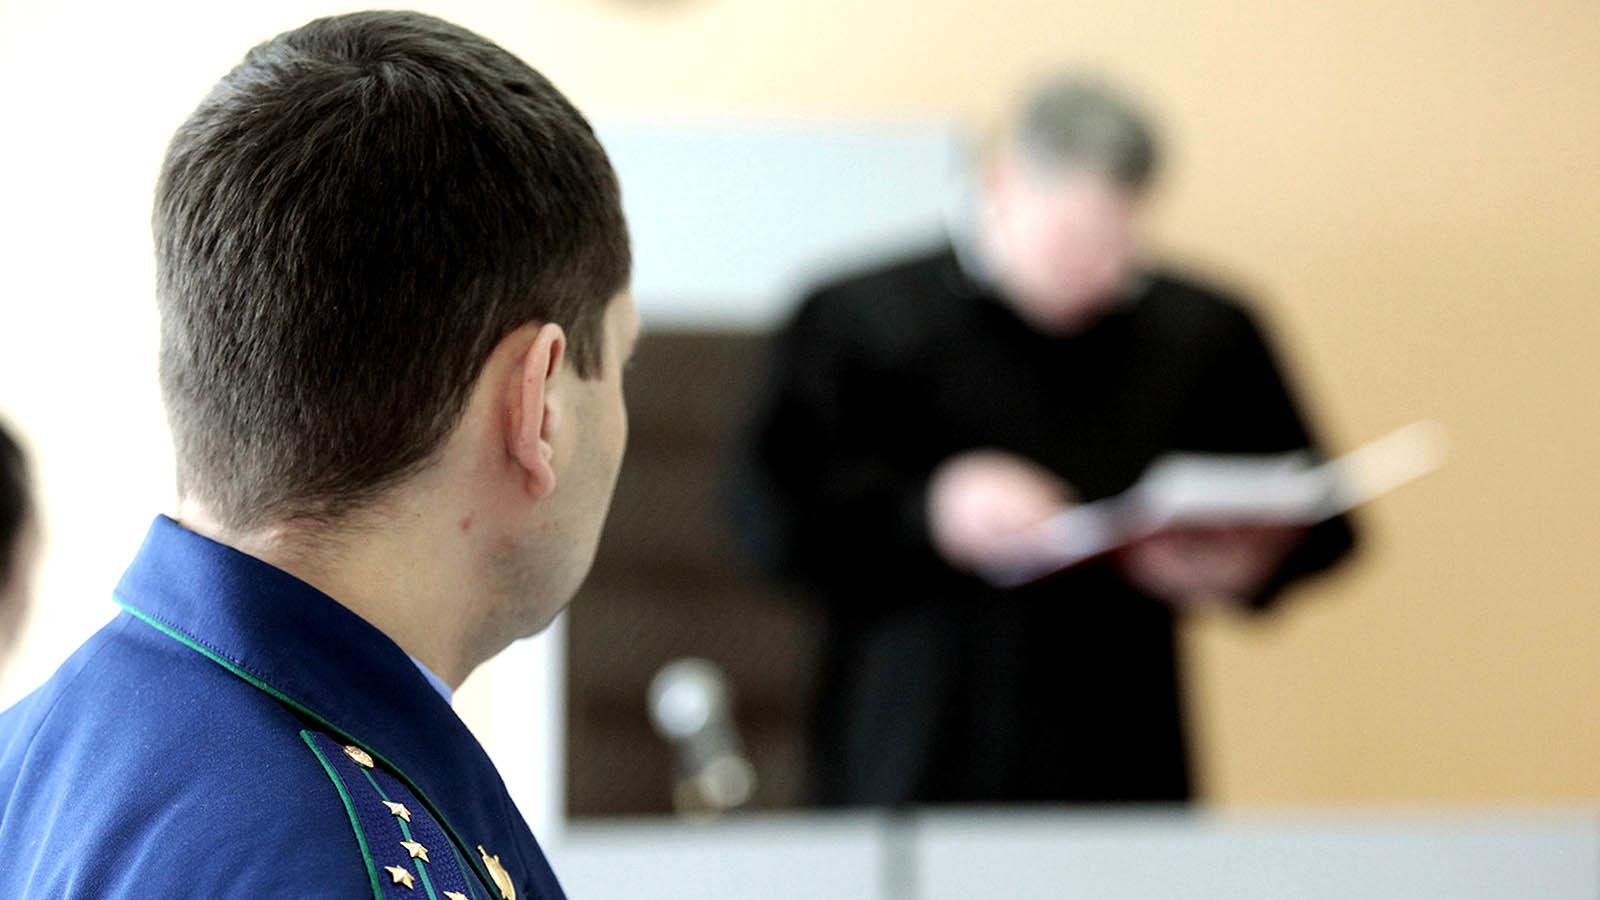 Официальное заявление МУП г. Сочи «Водоканал» в ответ на обвинения прокуратуры